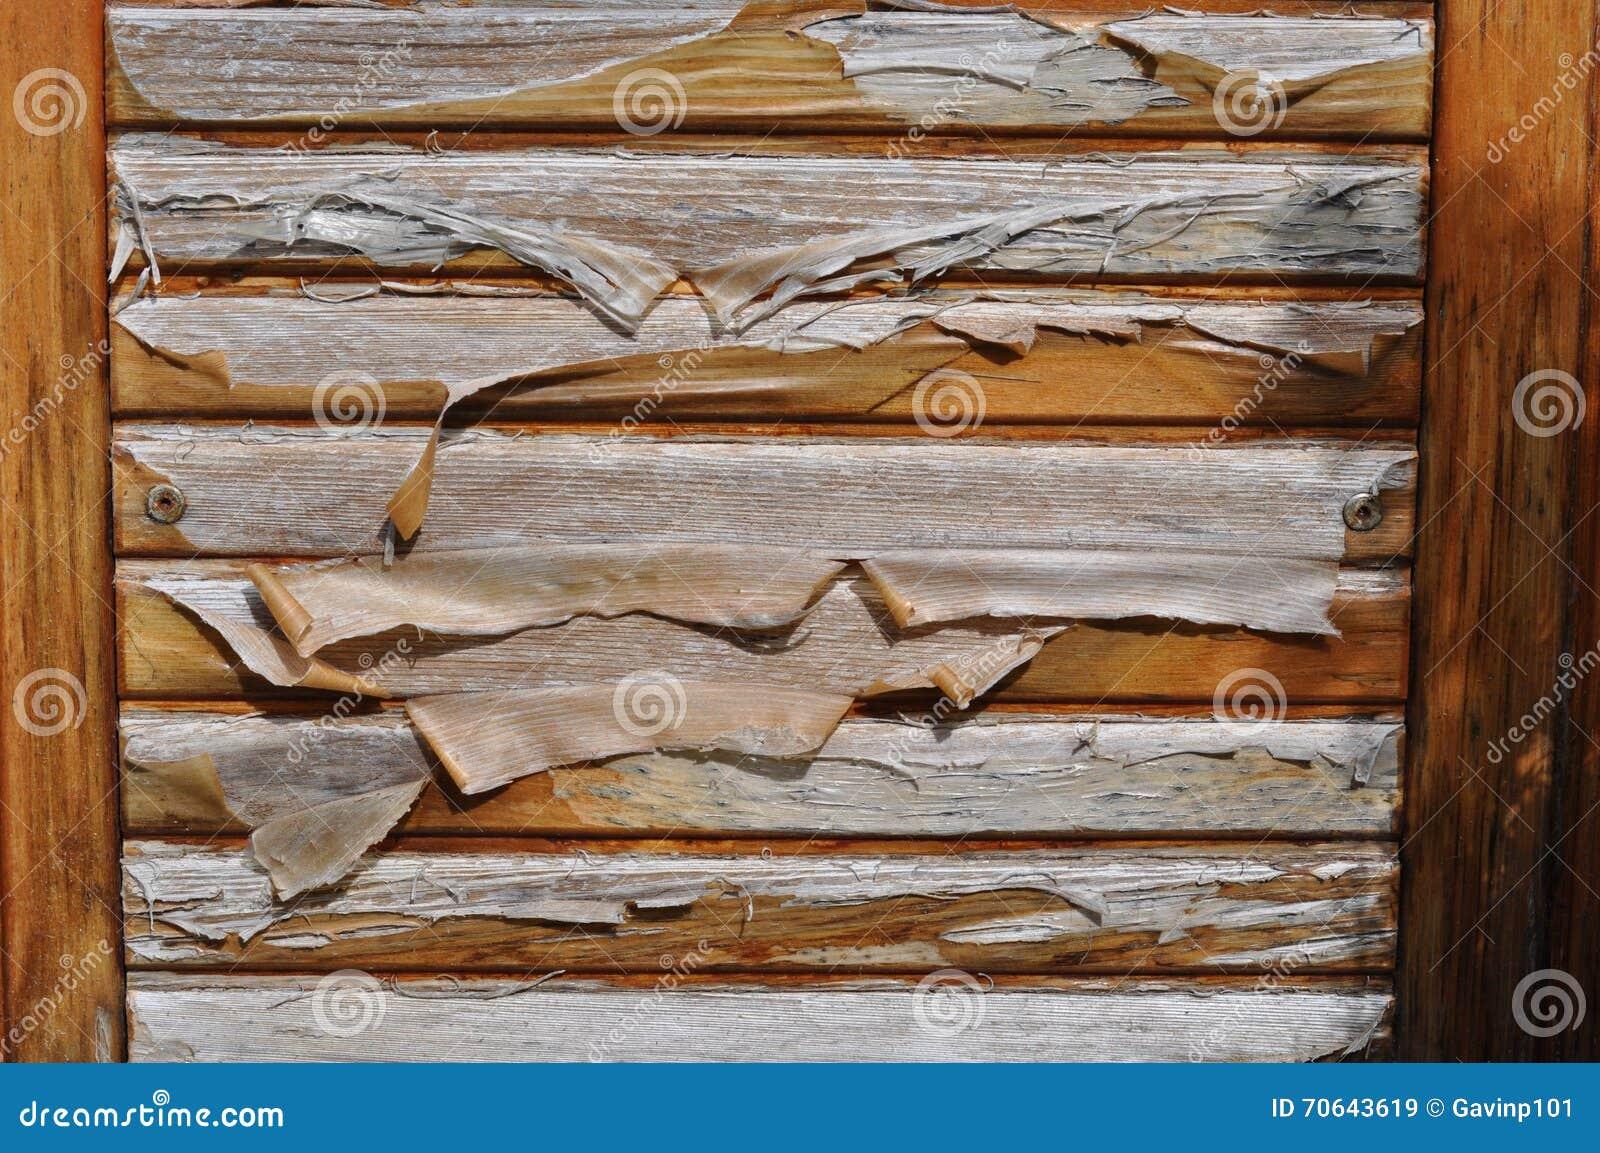 Como barnizar puertas de madera gallery of gallery of puertas de madera barniz with barnizar - Como barnizar una puerta de madera ...